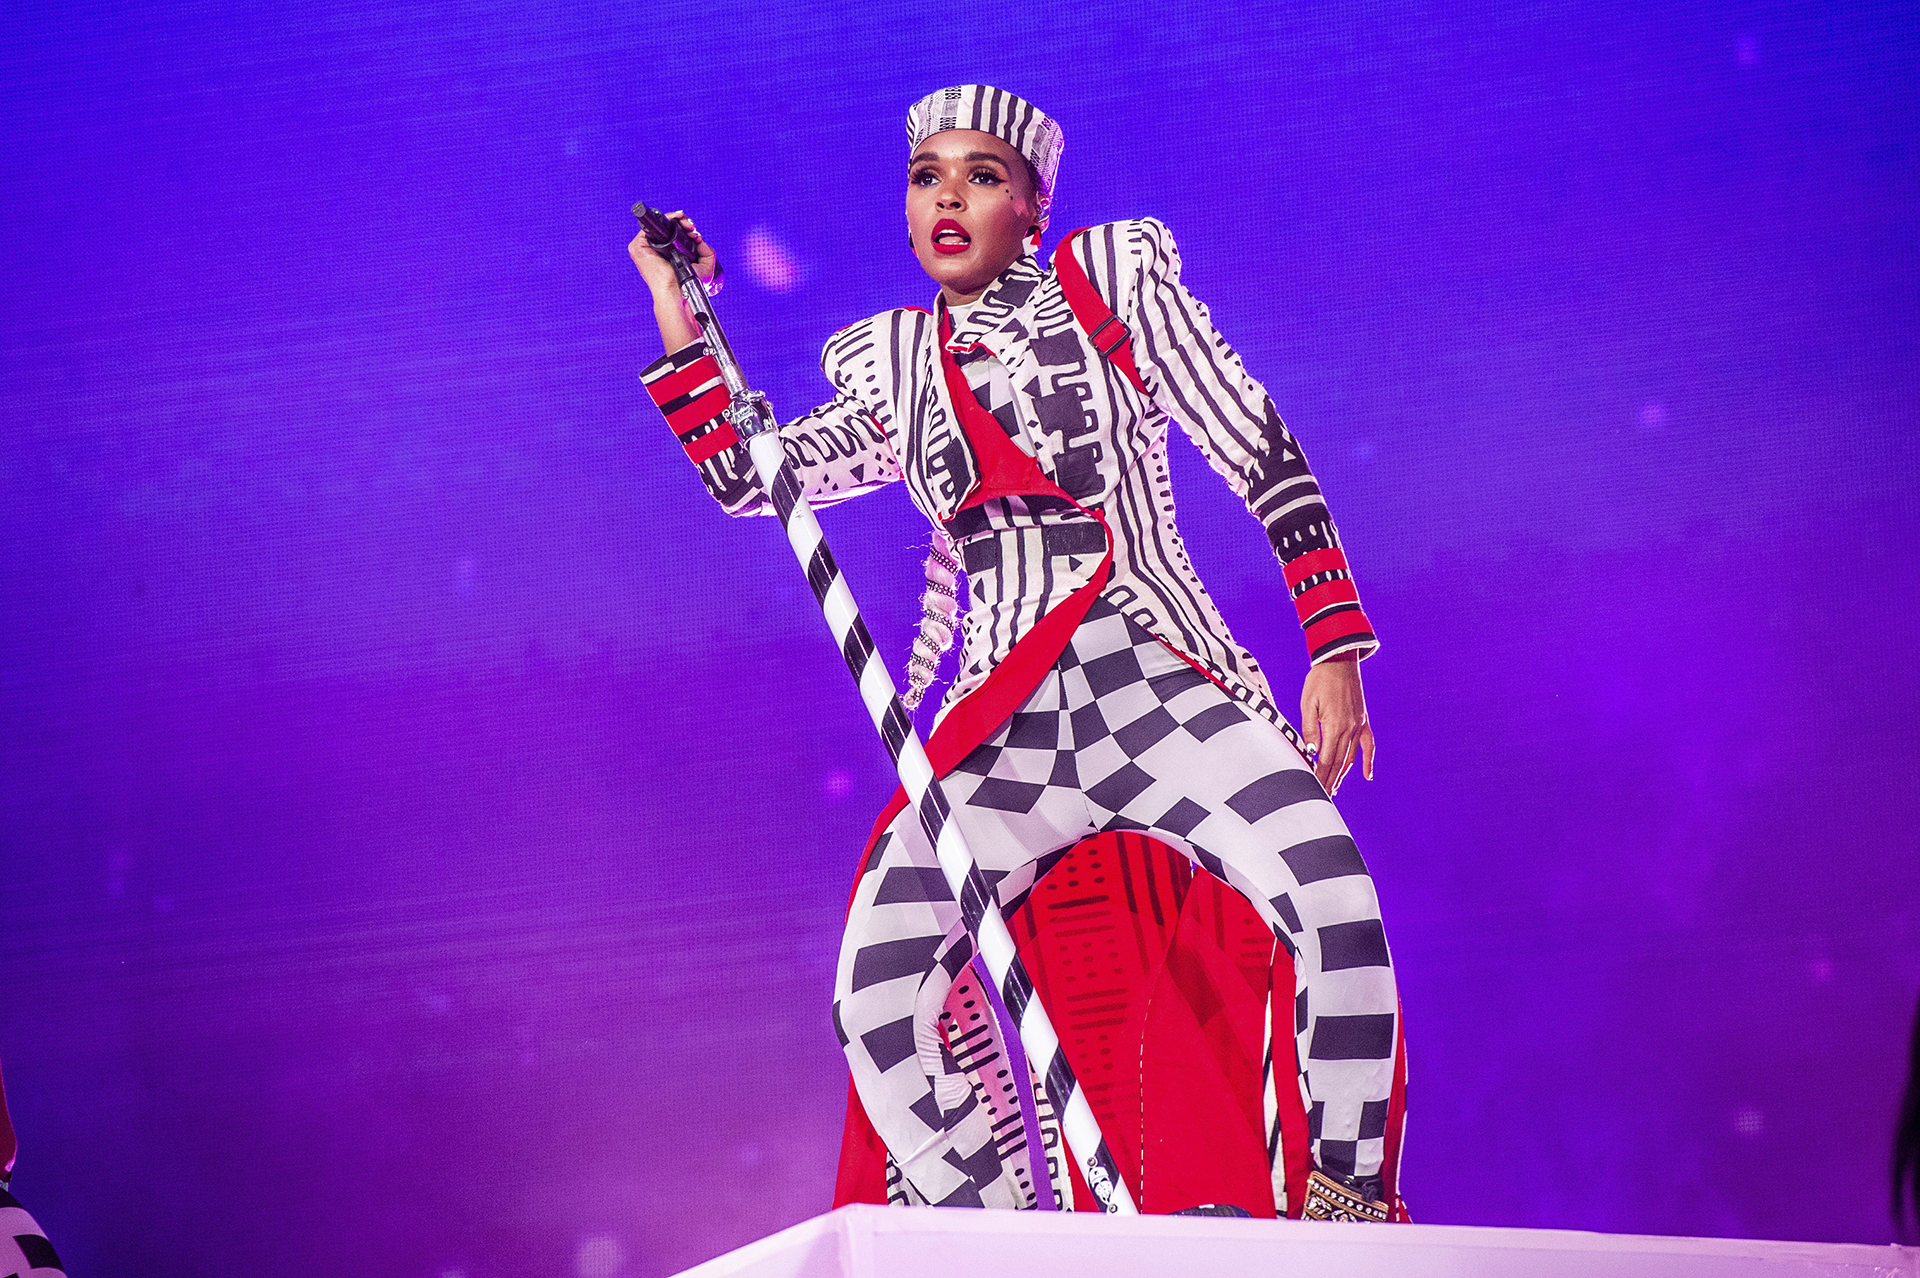 Janelle Monae apostó a un traje cuadrillé y con mix de rayas en blanco, negro y rojo que lo completó con un sombrero marinero. El cantante sorprendió a todos sus fanáticos con sus canciones